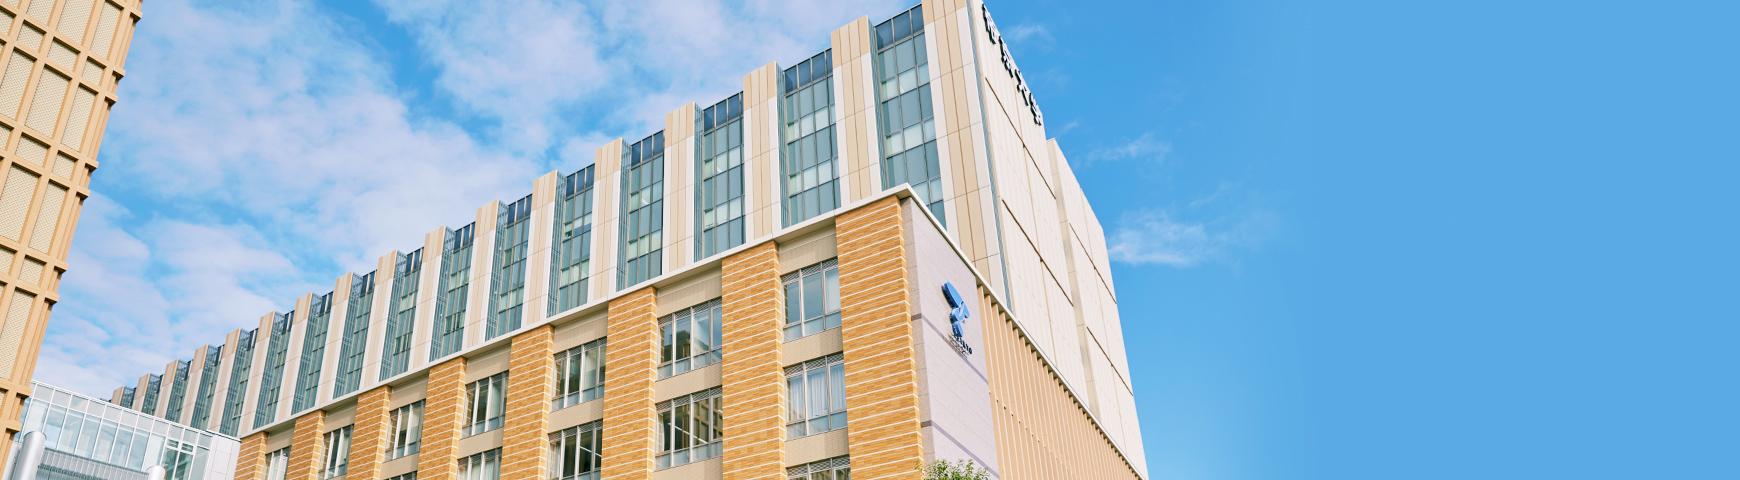 板橋オープンキャンパス